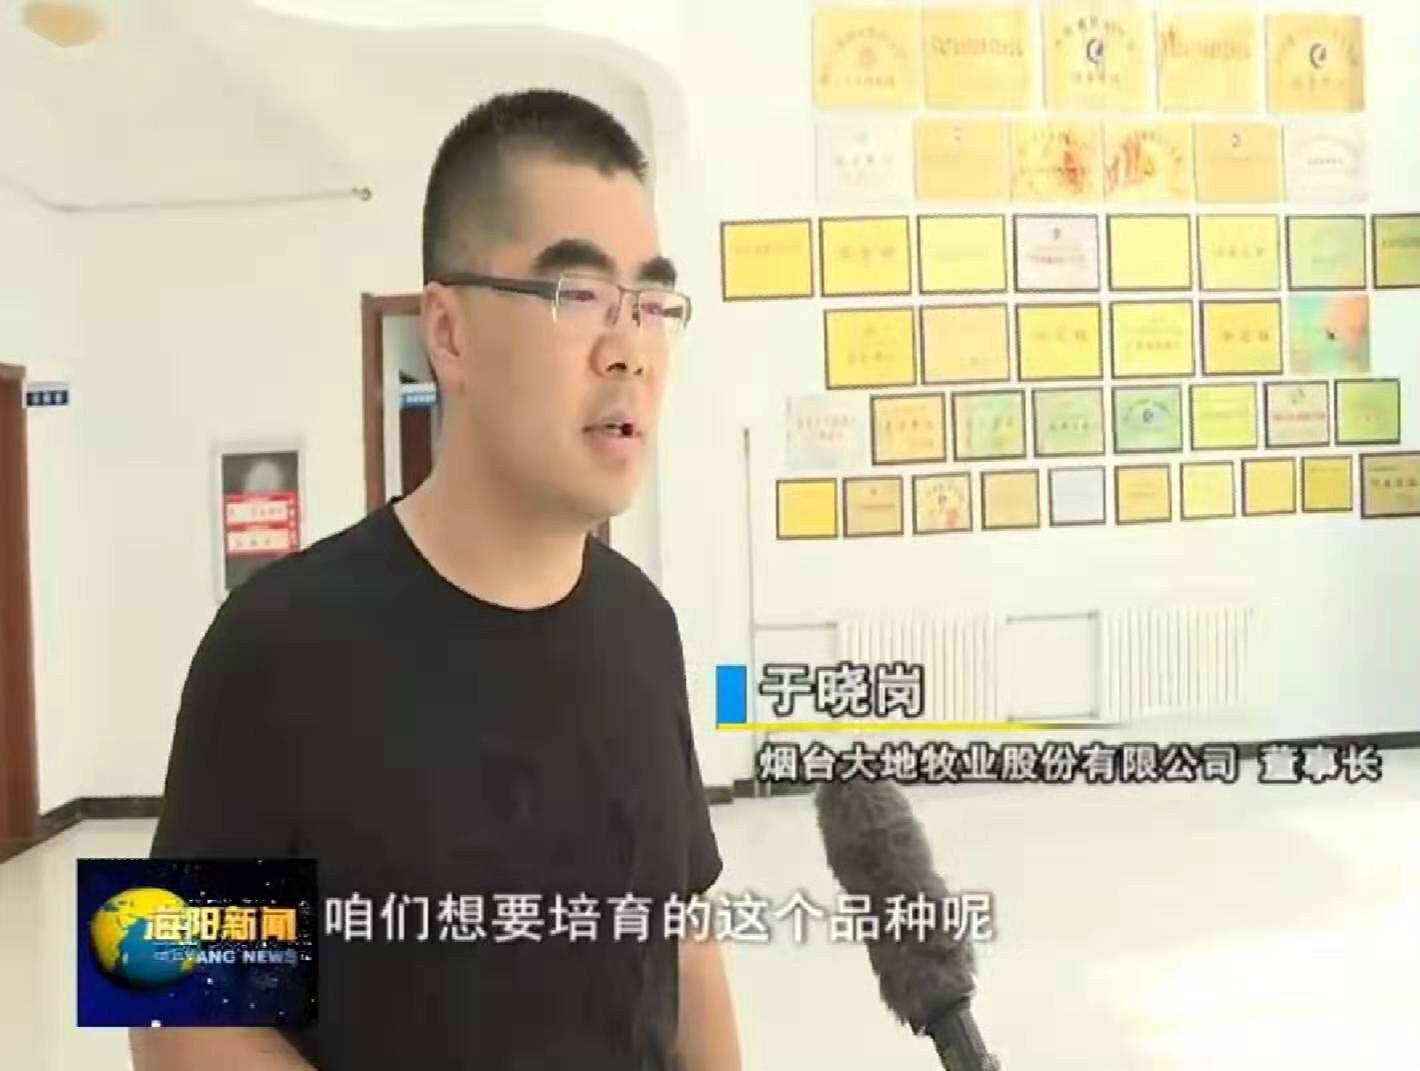 乐动app官网乐动体育app官方插上科技翅膀 中国农科院助力飞翔(图3)